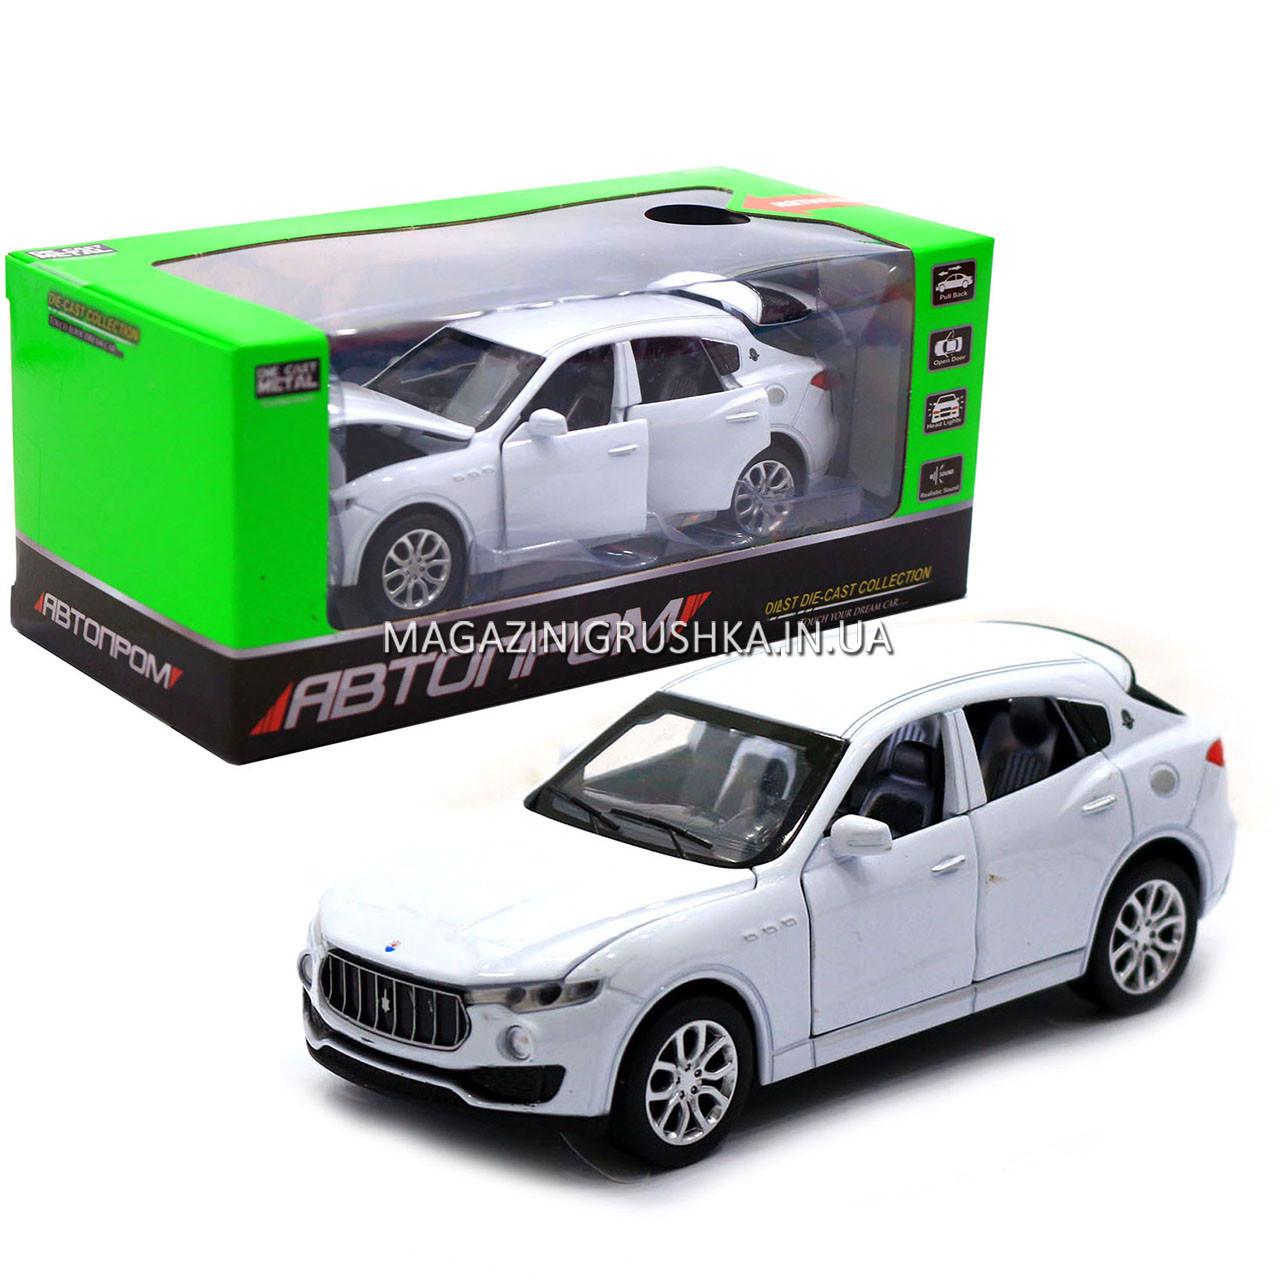 Машинка игровая автопром «Maserati levante», 14 см, свет, звук, двери открываются, белый (7641)